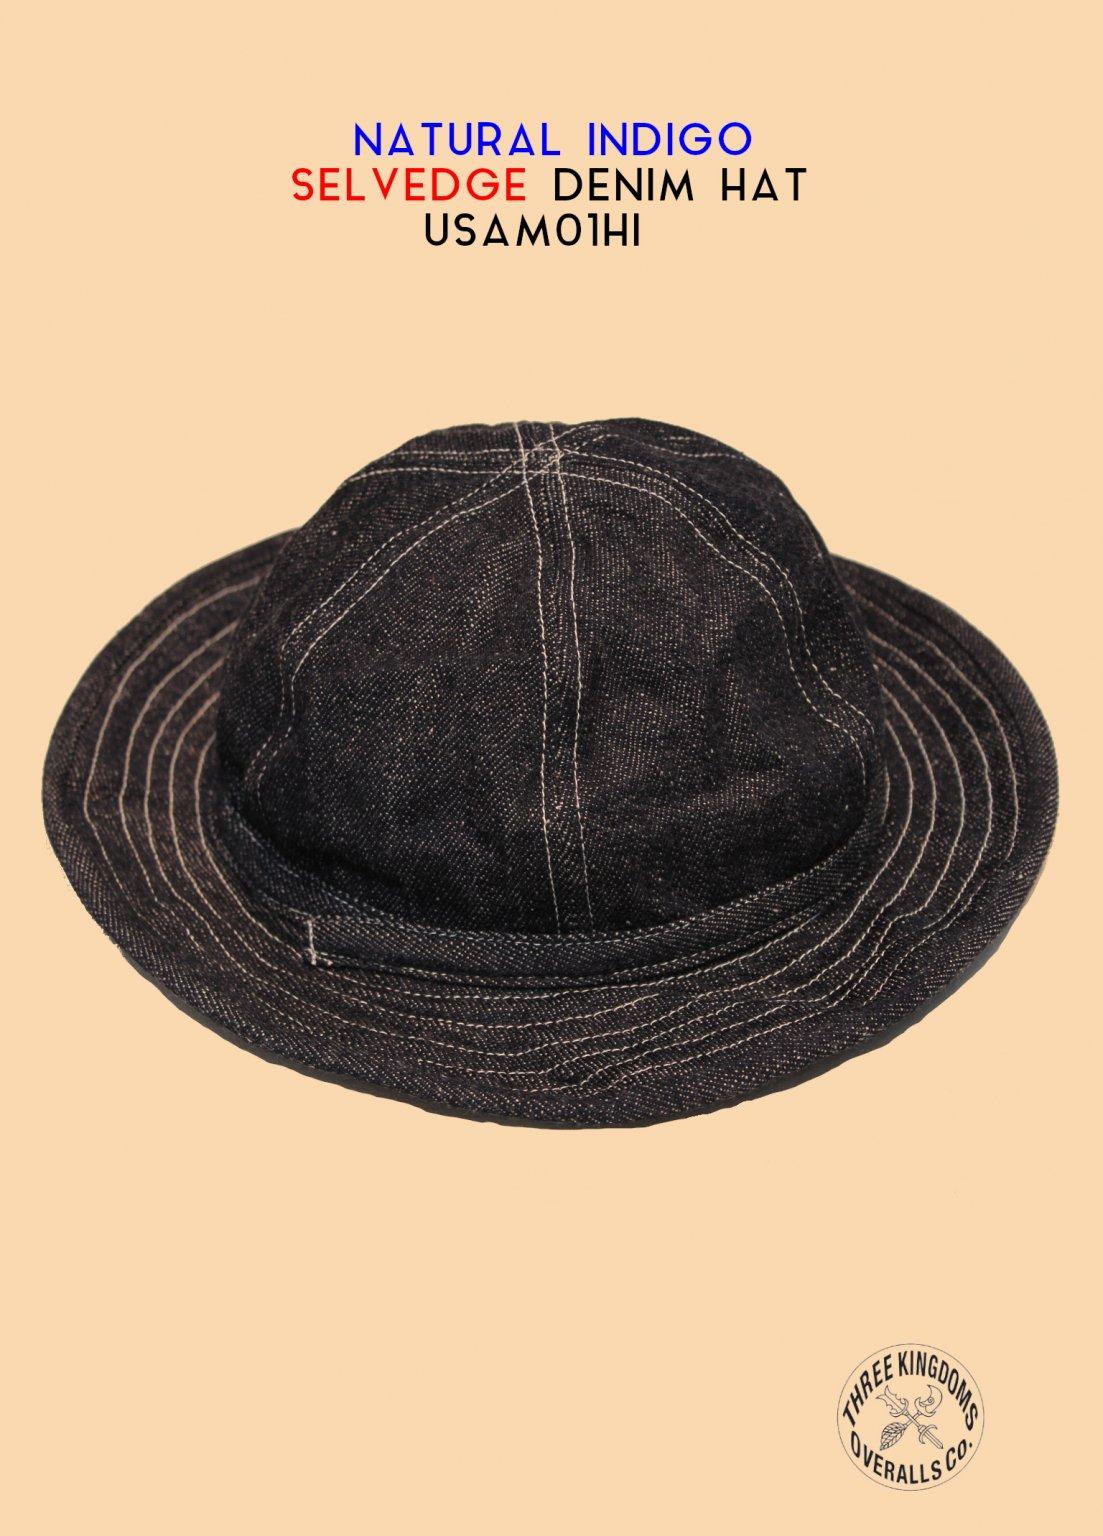 USAM01HI BULLET HAT